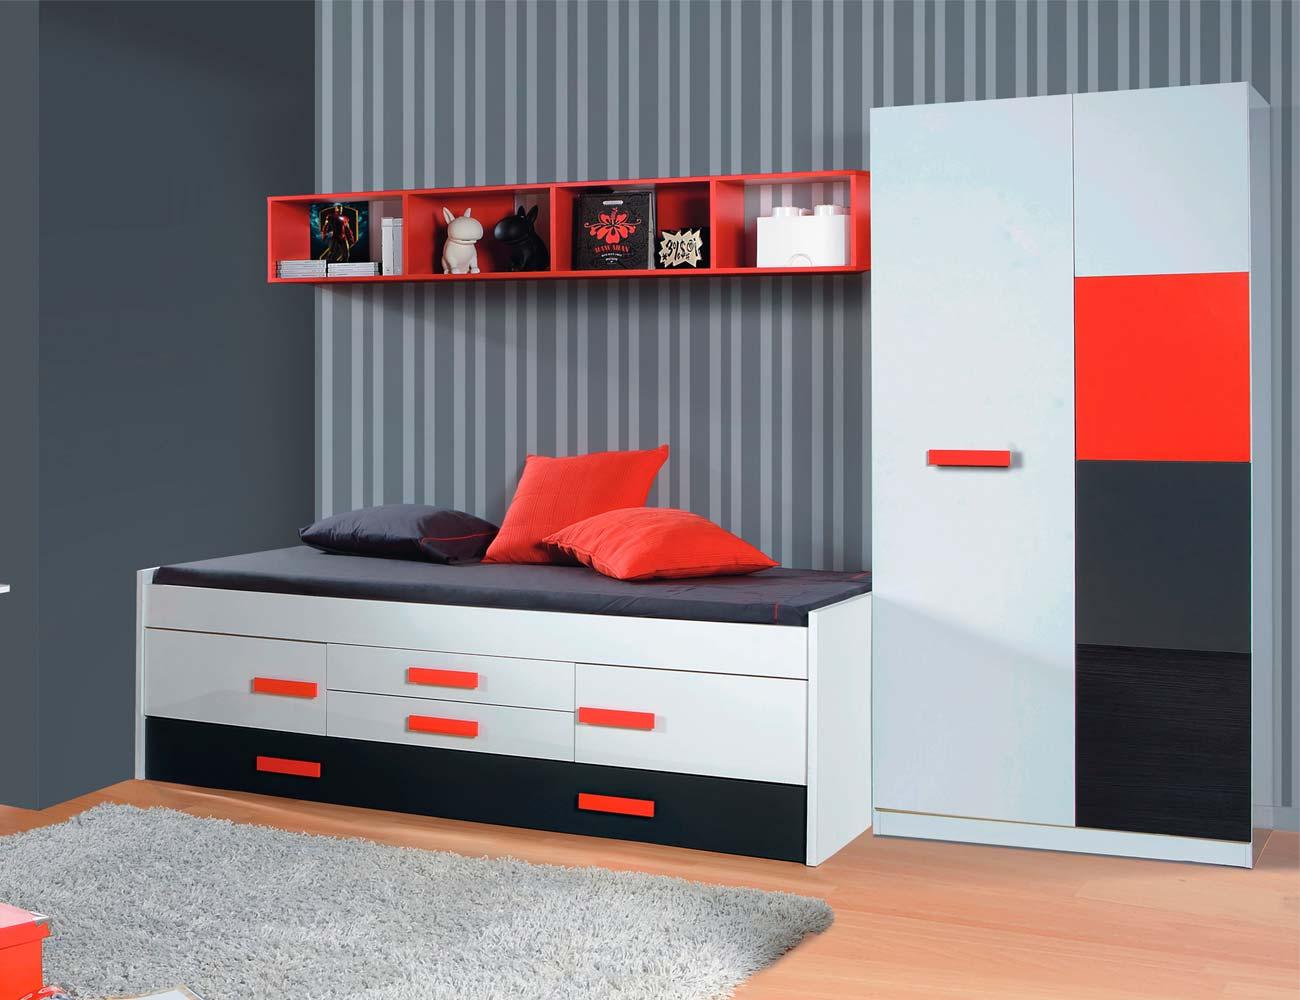 Dormitorio juvenil blanco rojo armario